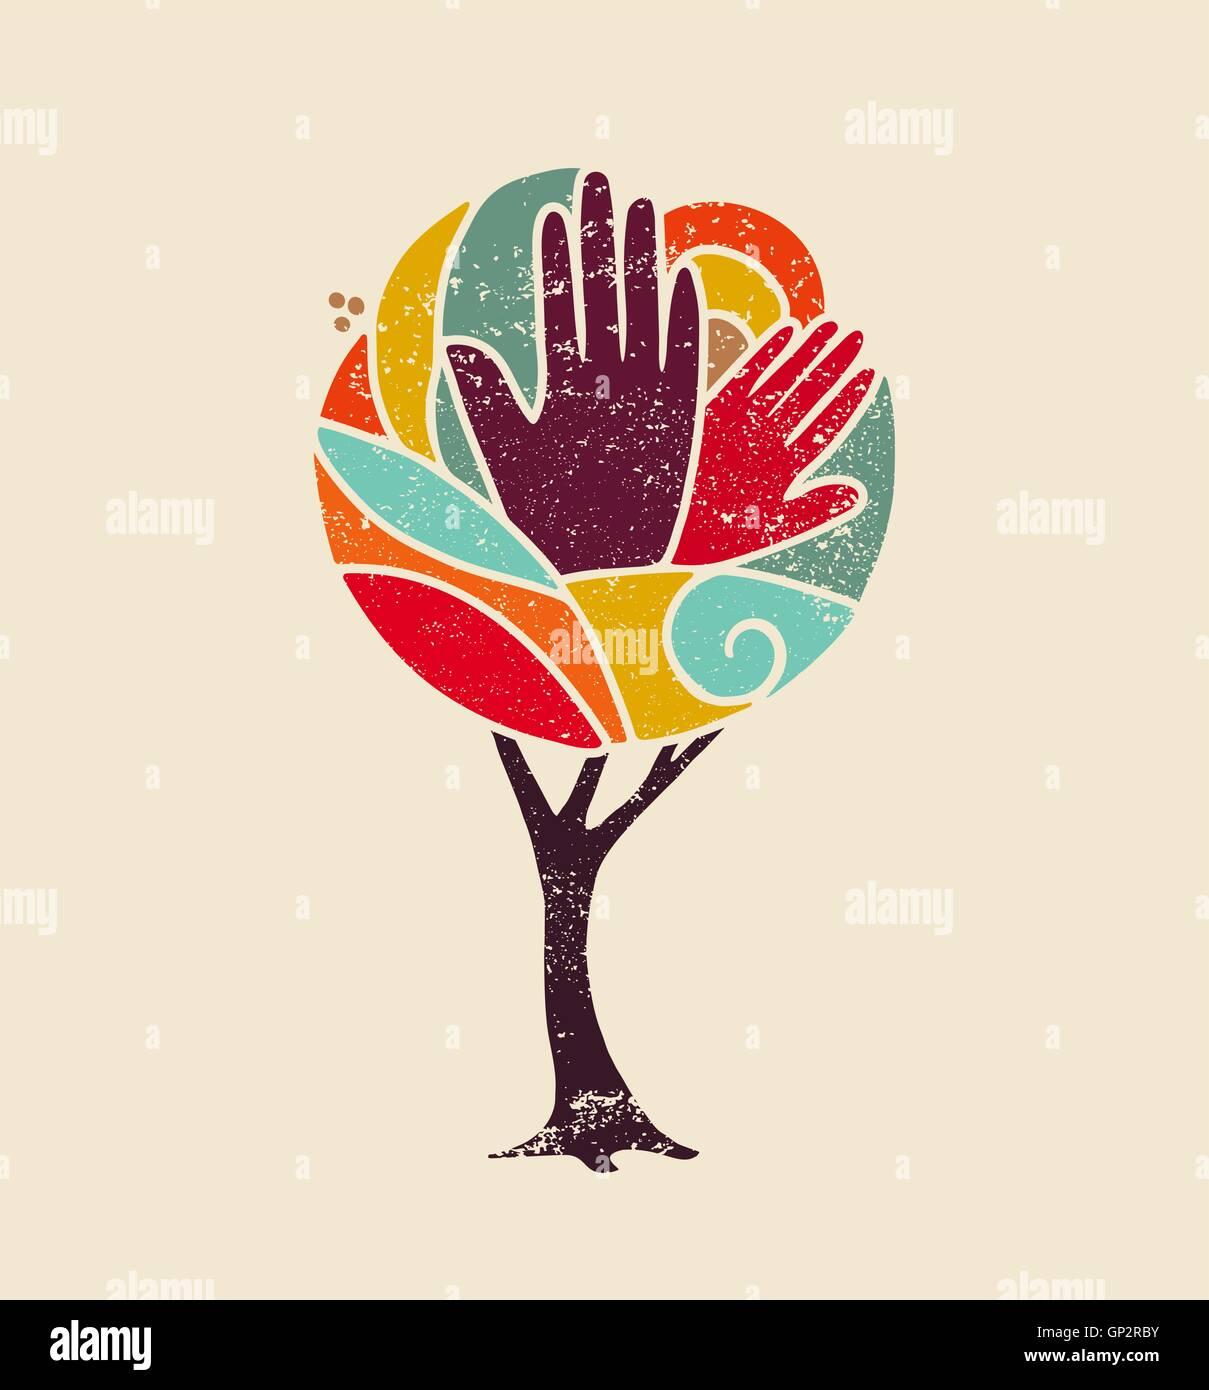 Grunge arbre coloré concept art avec les gens les mains et nature conception de la diversité sociale, l'environnement Illustration de Vecteur